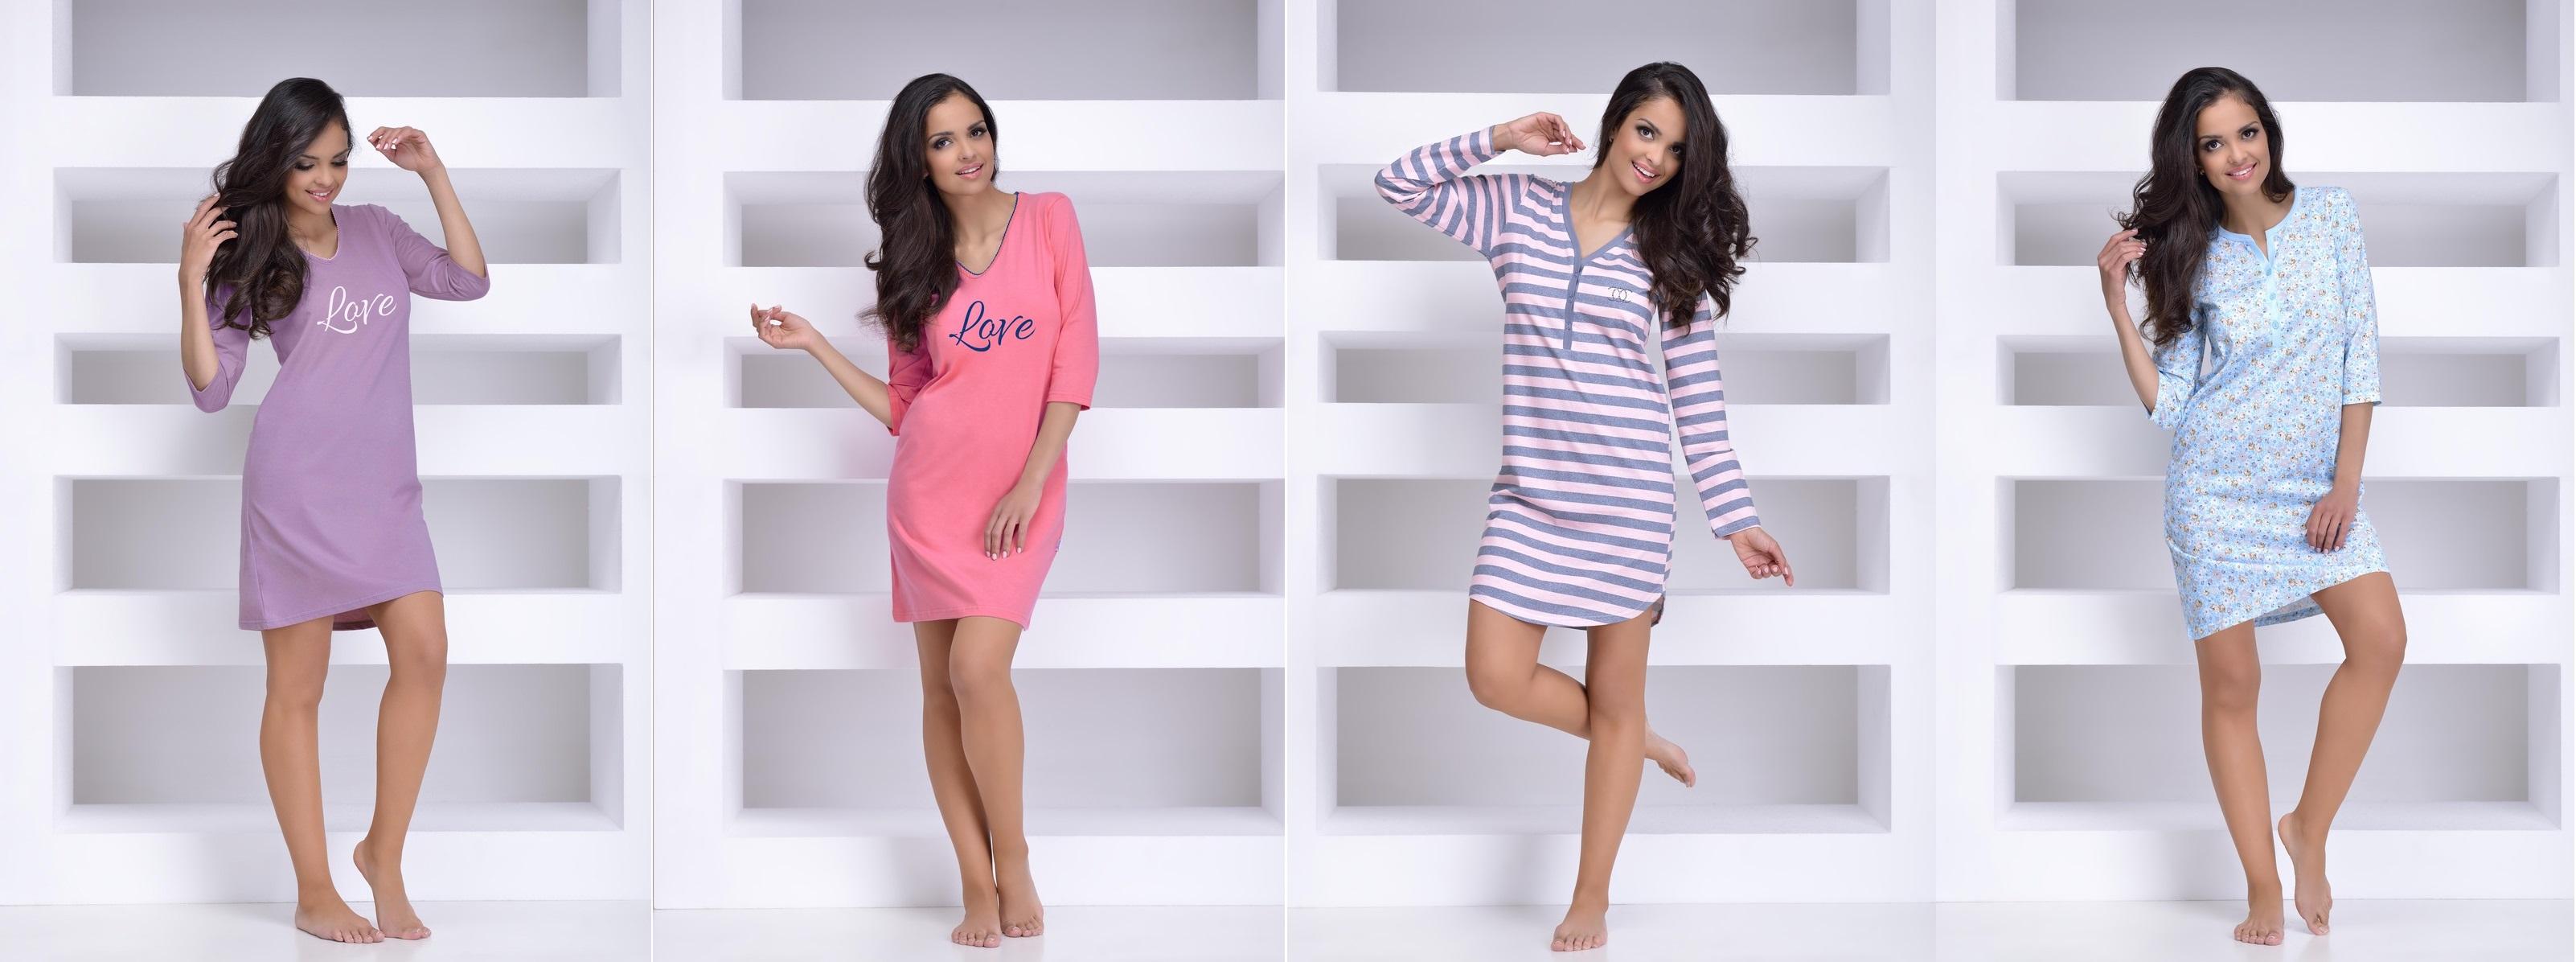 Женские сорочки хлопок, ночные сорочки из хлопка купить интернет-магазин Киев